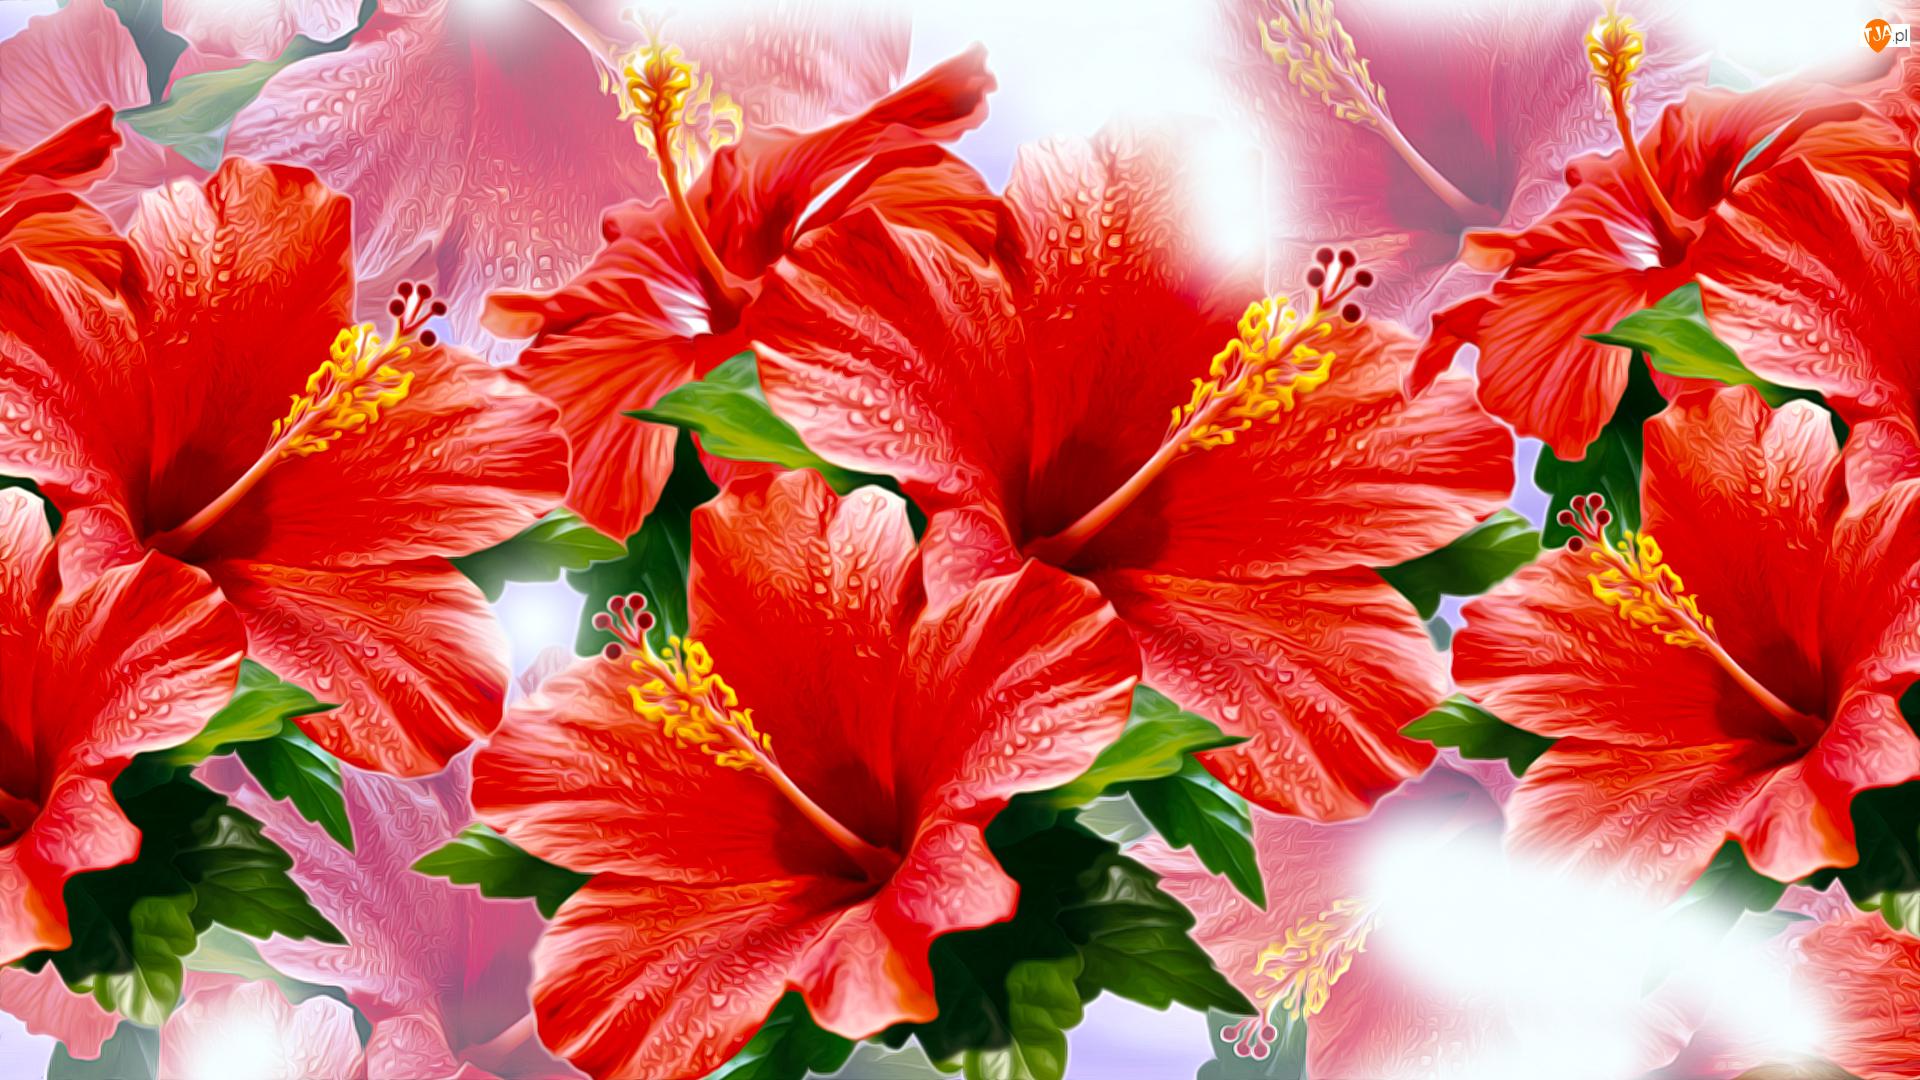 Grafika, Kwiaty, Czerwone, Hibiskusy